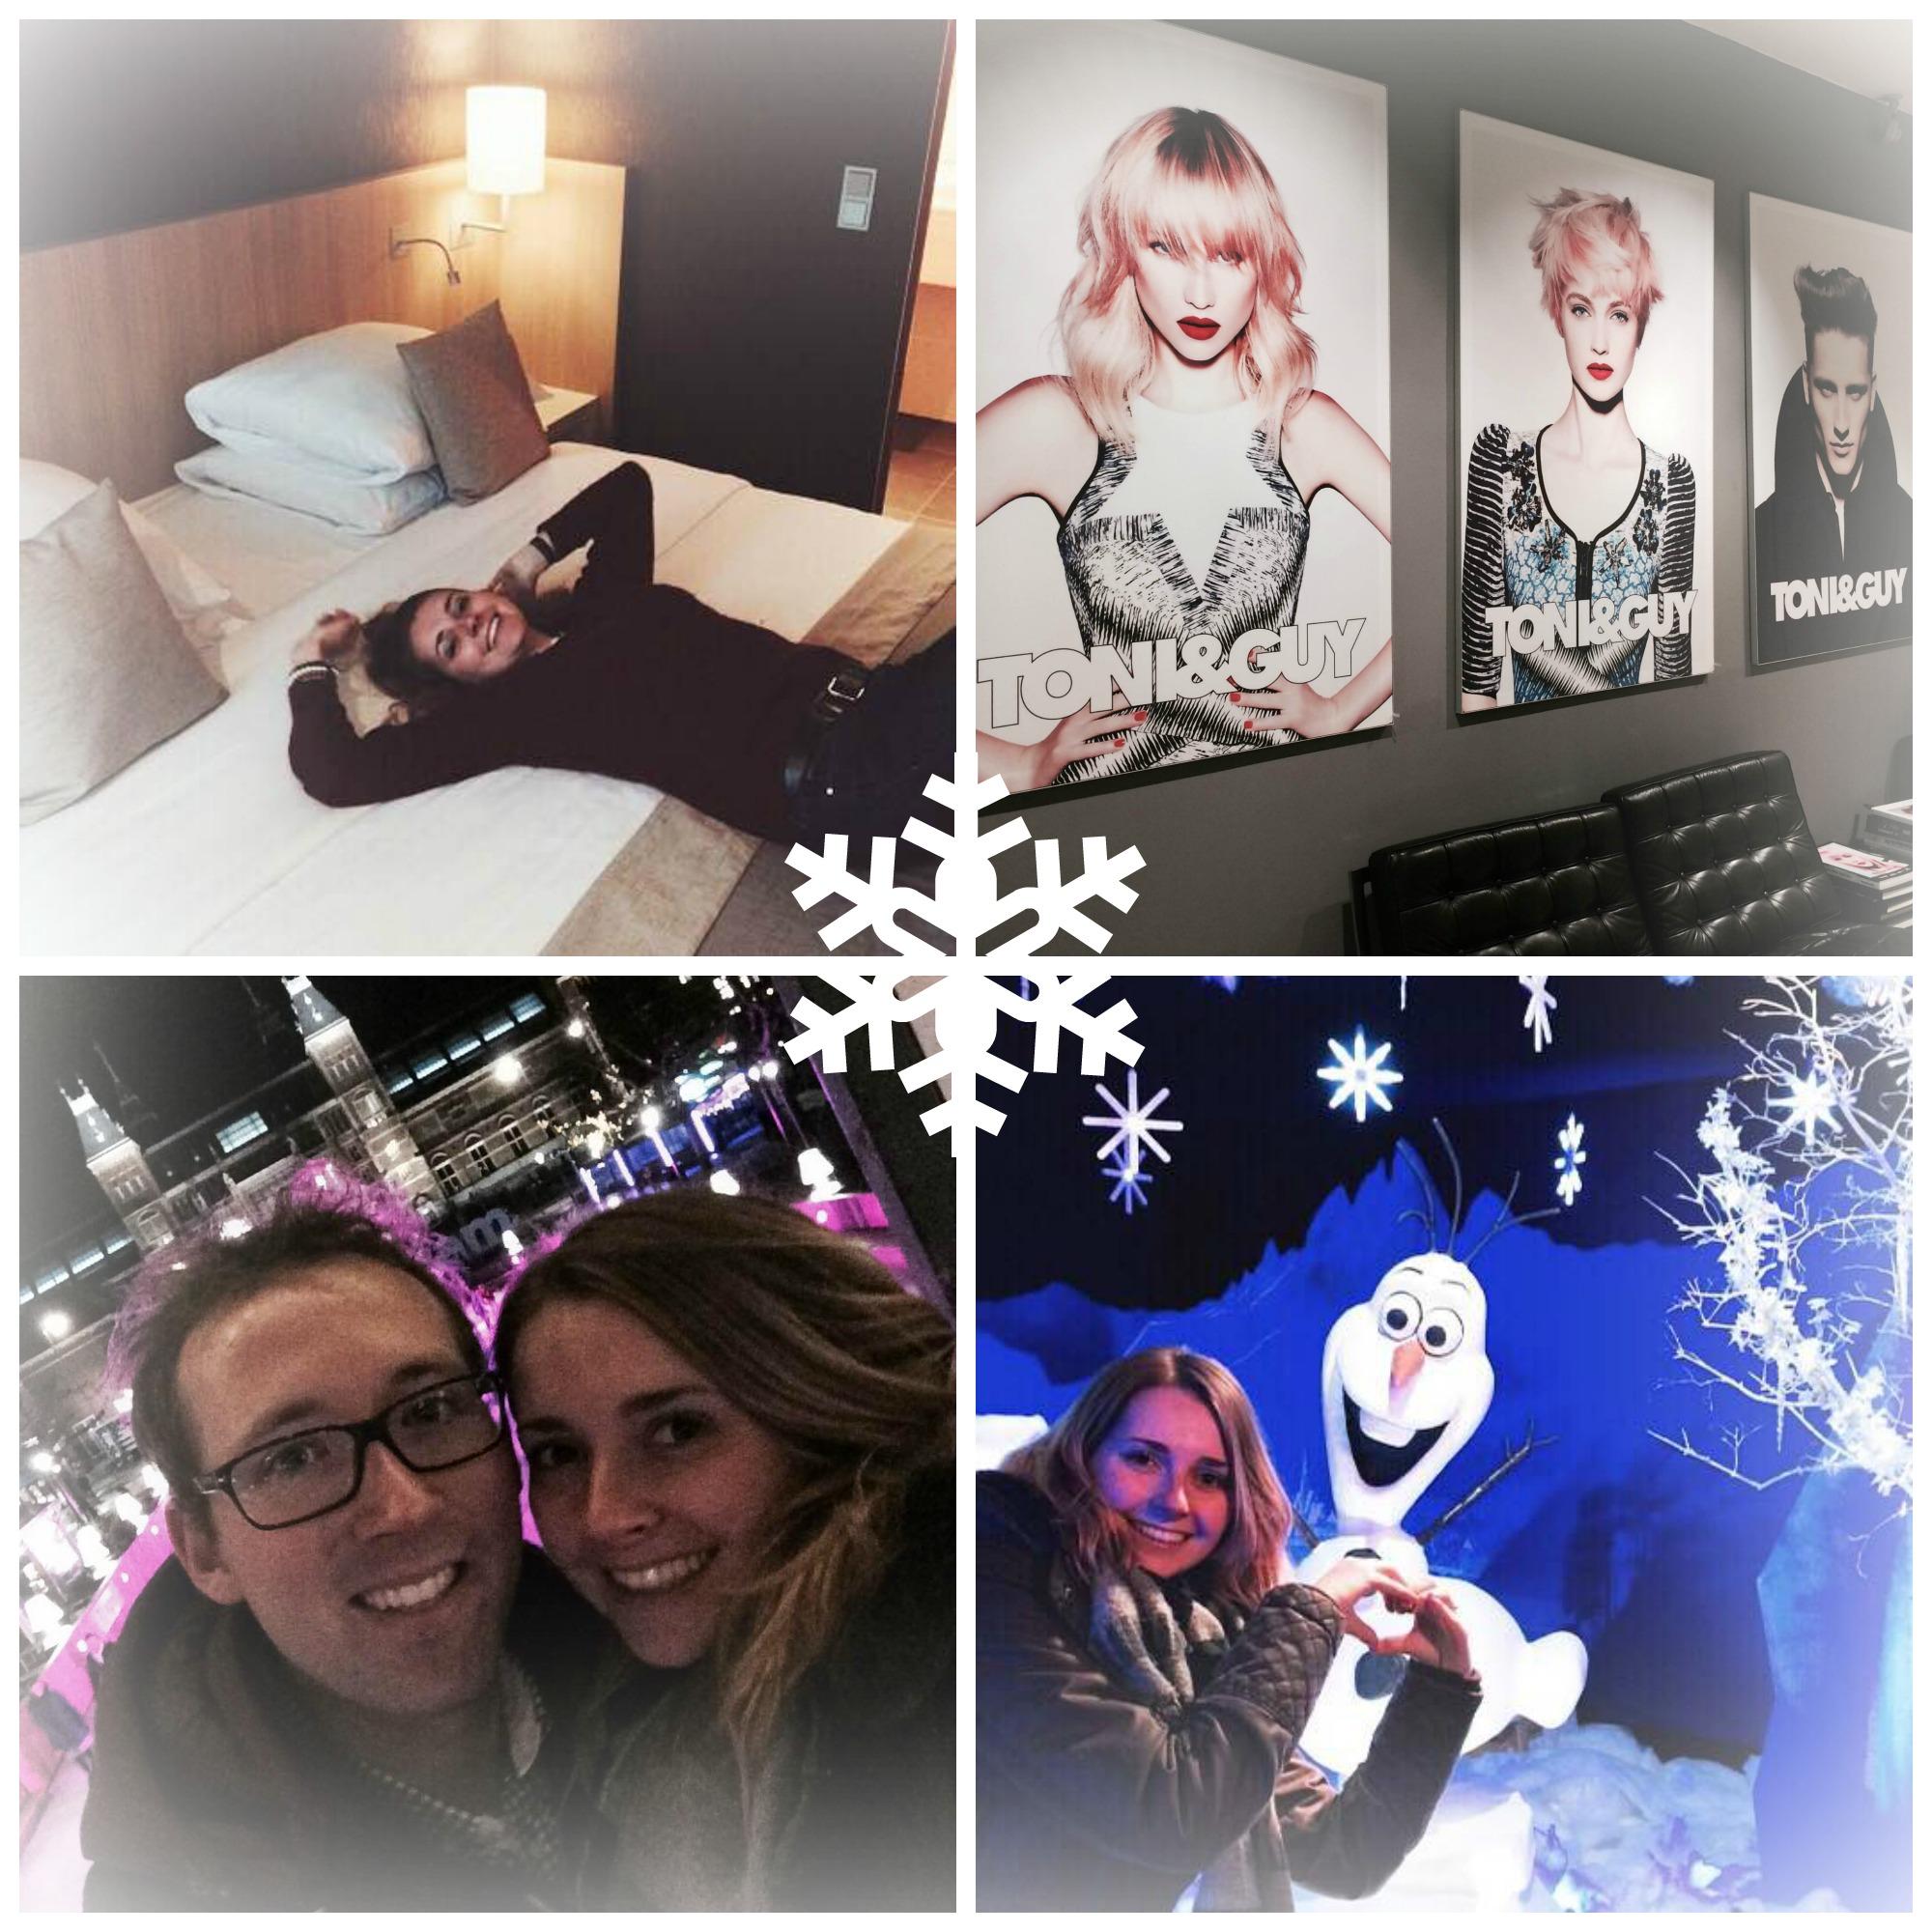 Plog 12/12 – Mercure Hotel, Treatwell, de kerstman en Olaf